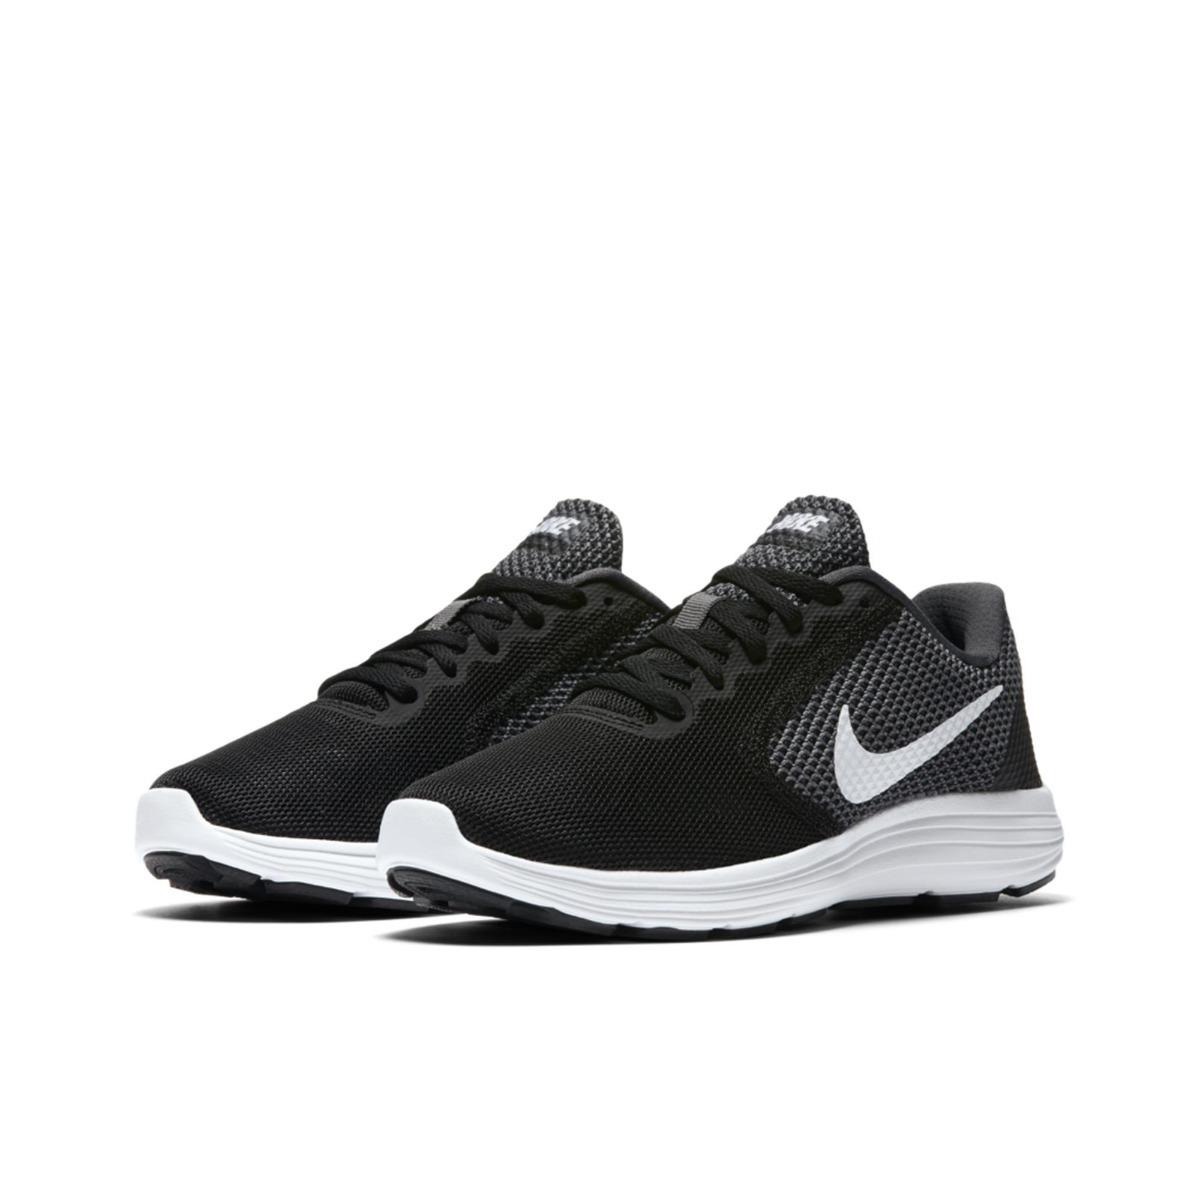 4e0aa7eb7d1 Tenis Nike Wmns Revolution 3 Cor 17 Preto E Branco Feminino - R  235 ...